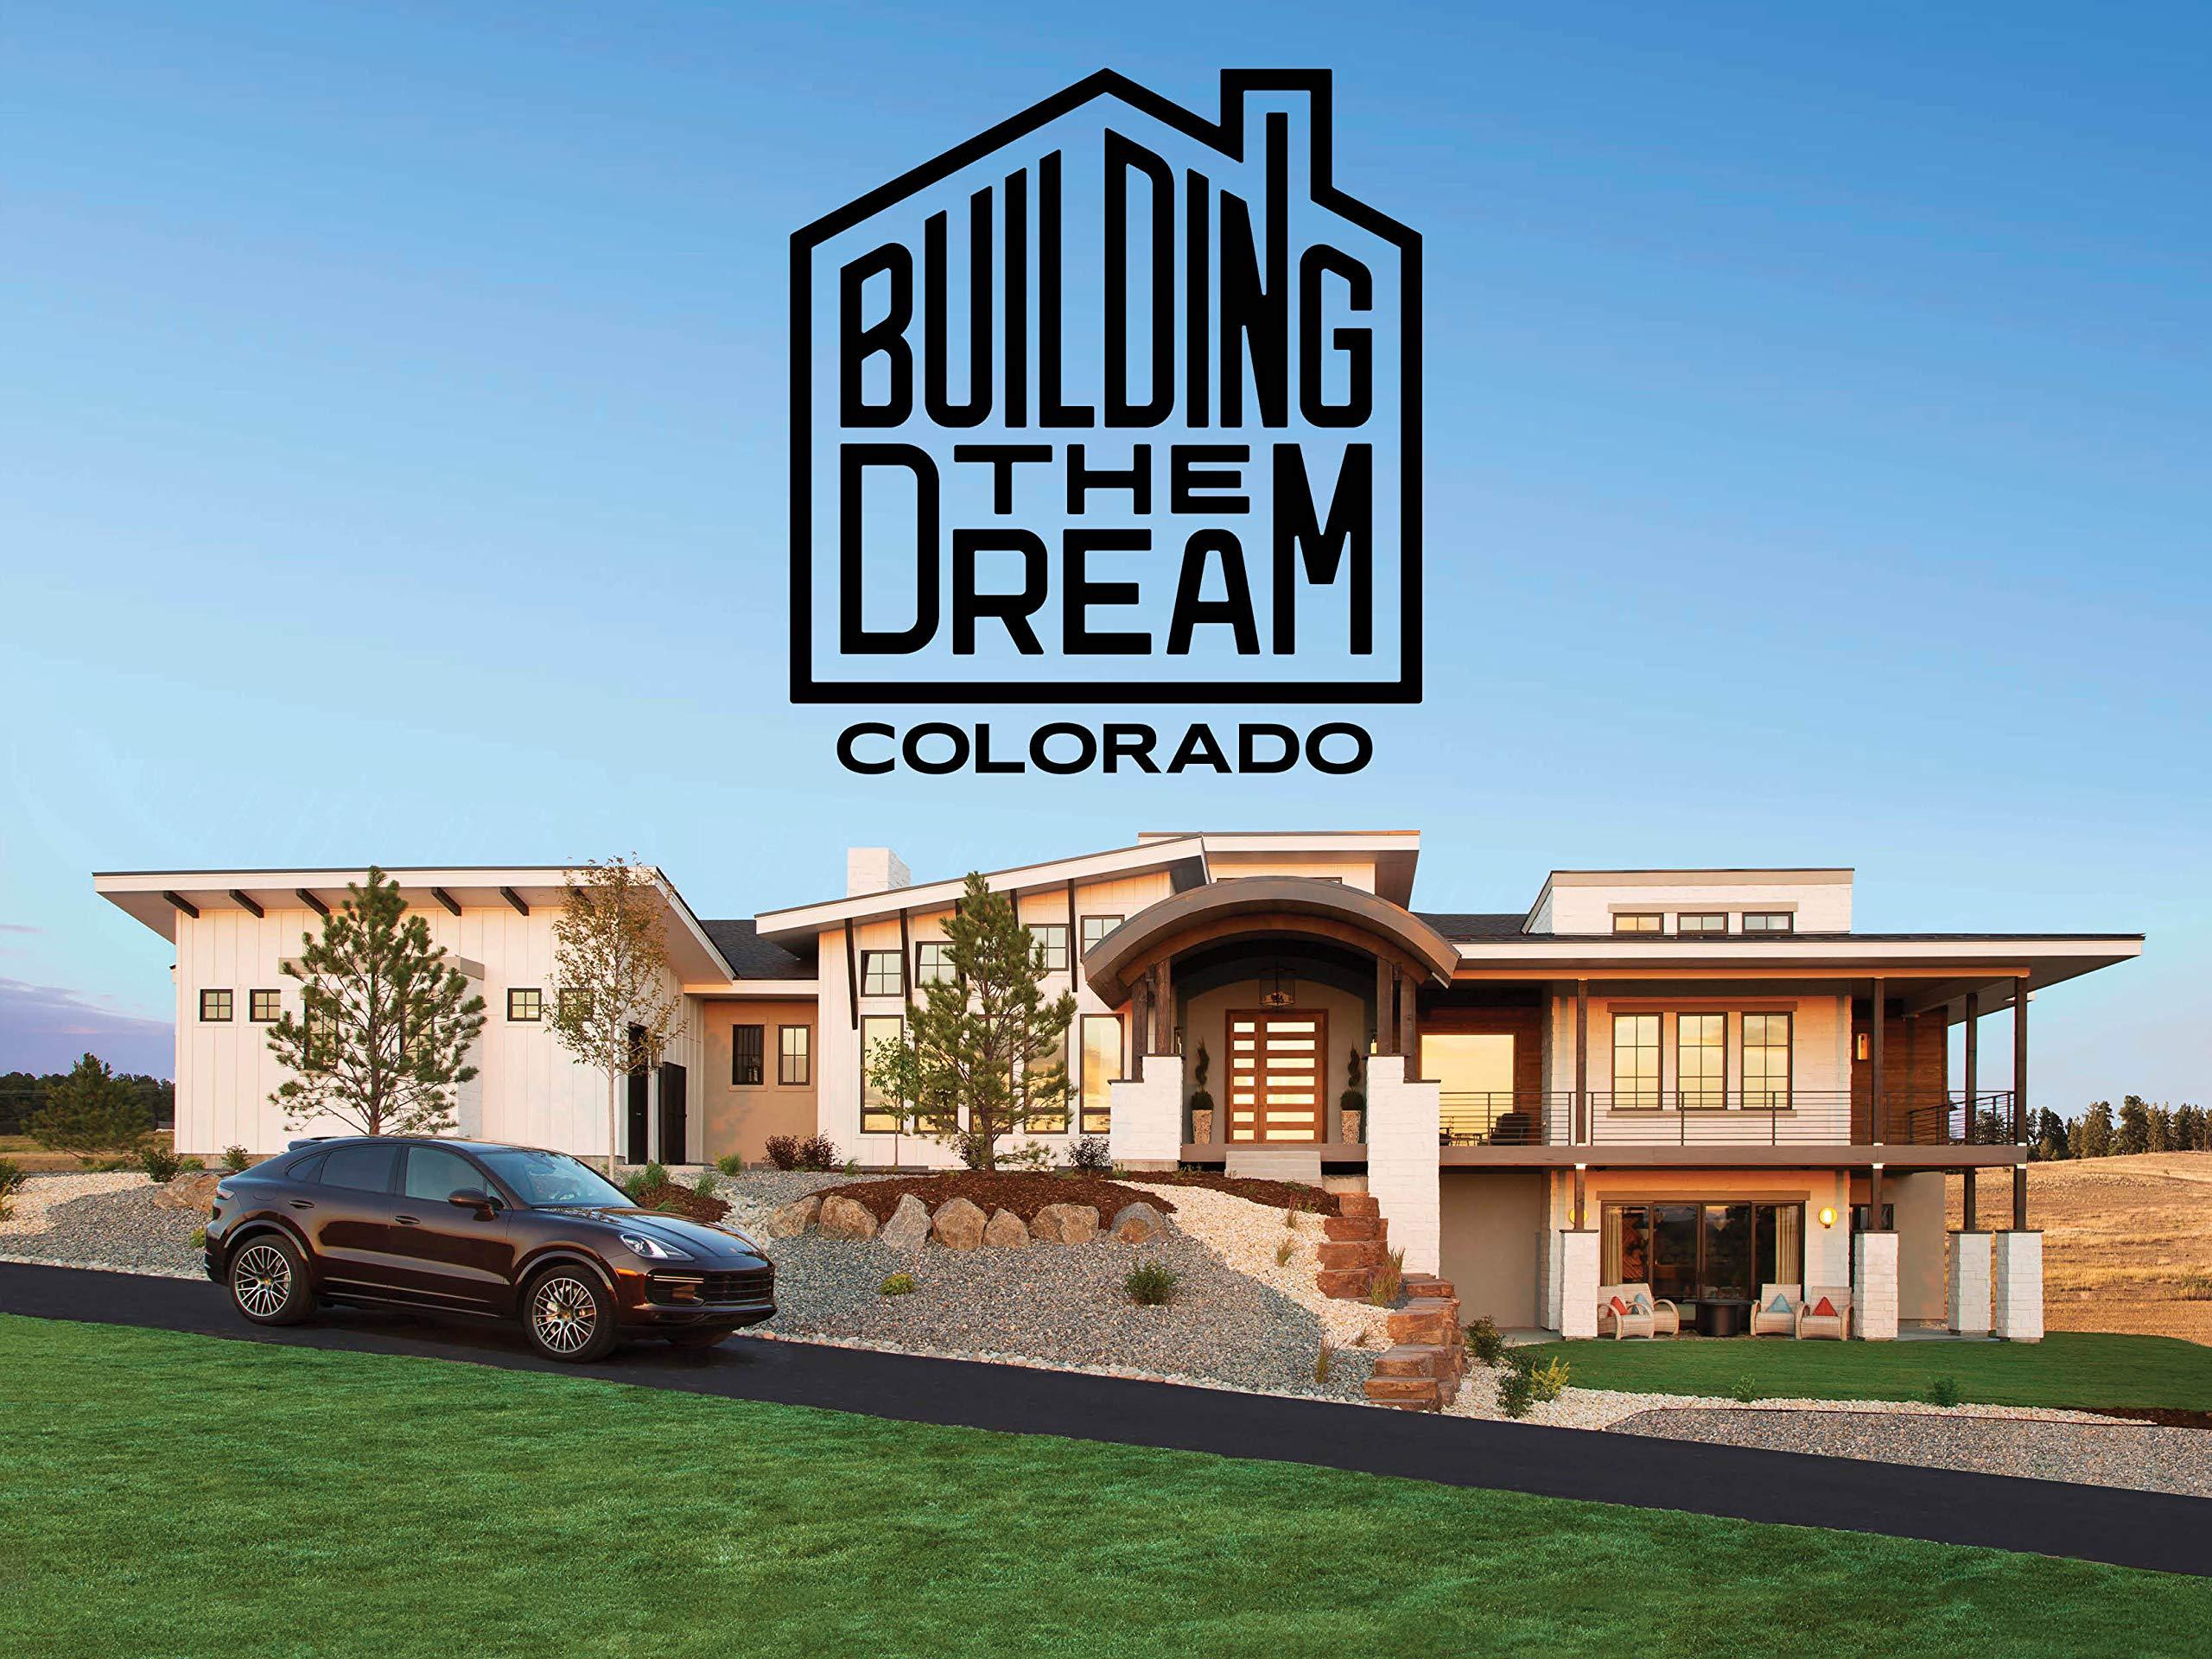 Building The Dream Colorado - Season 1